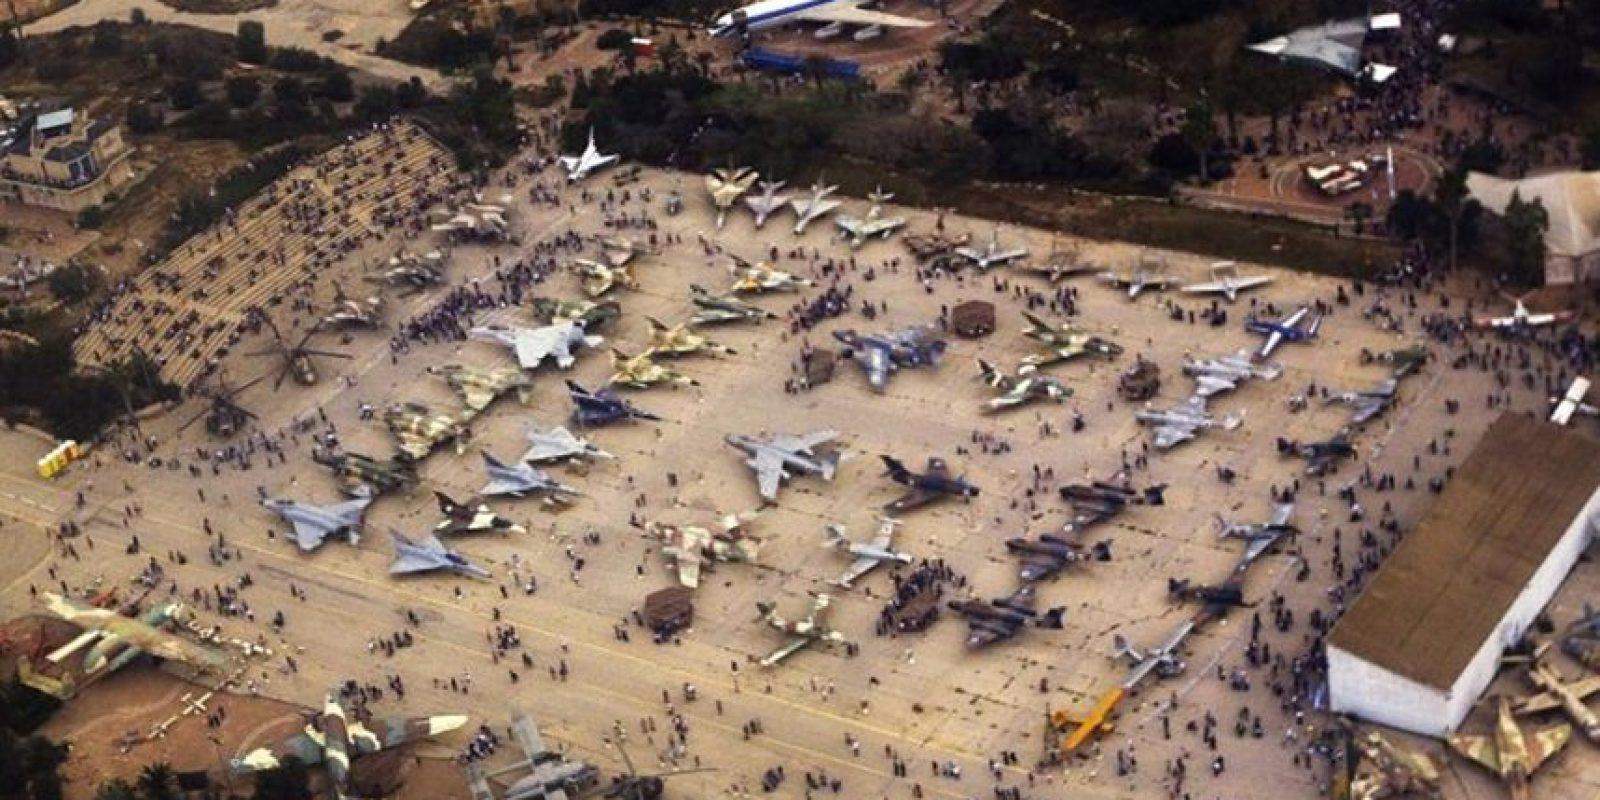 Museo de la fuerza aérea israelí en Beersheba, 6 de mayo. Foto:Publinews